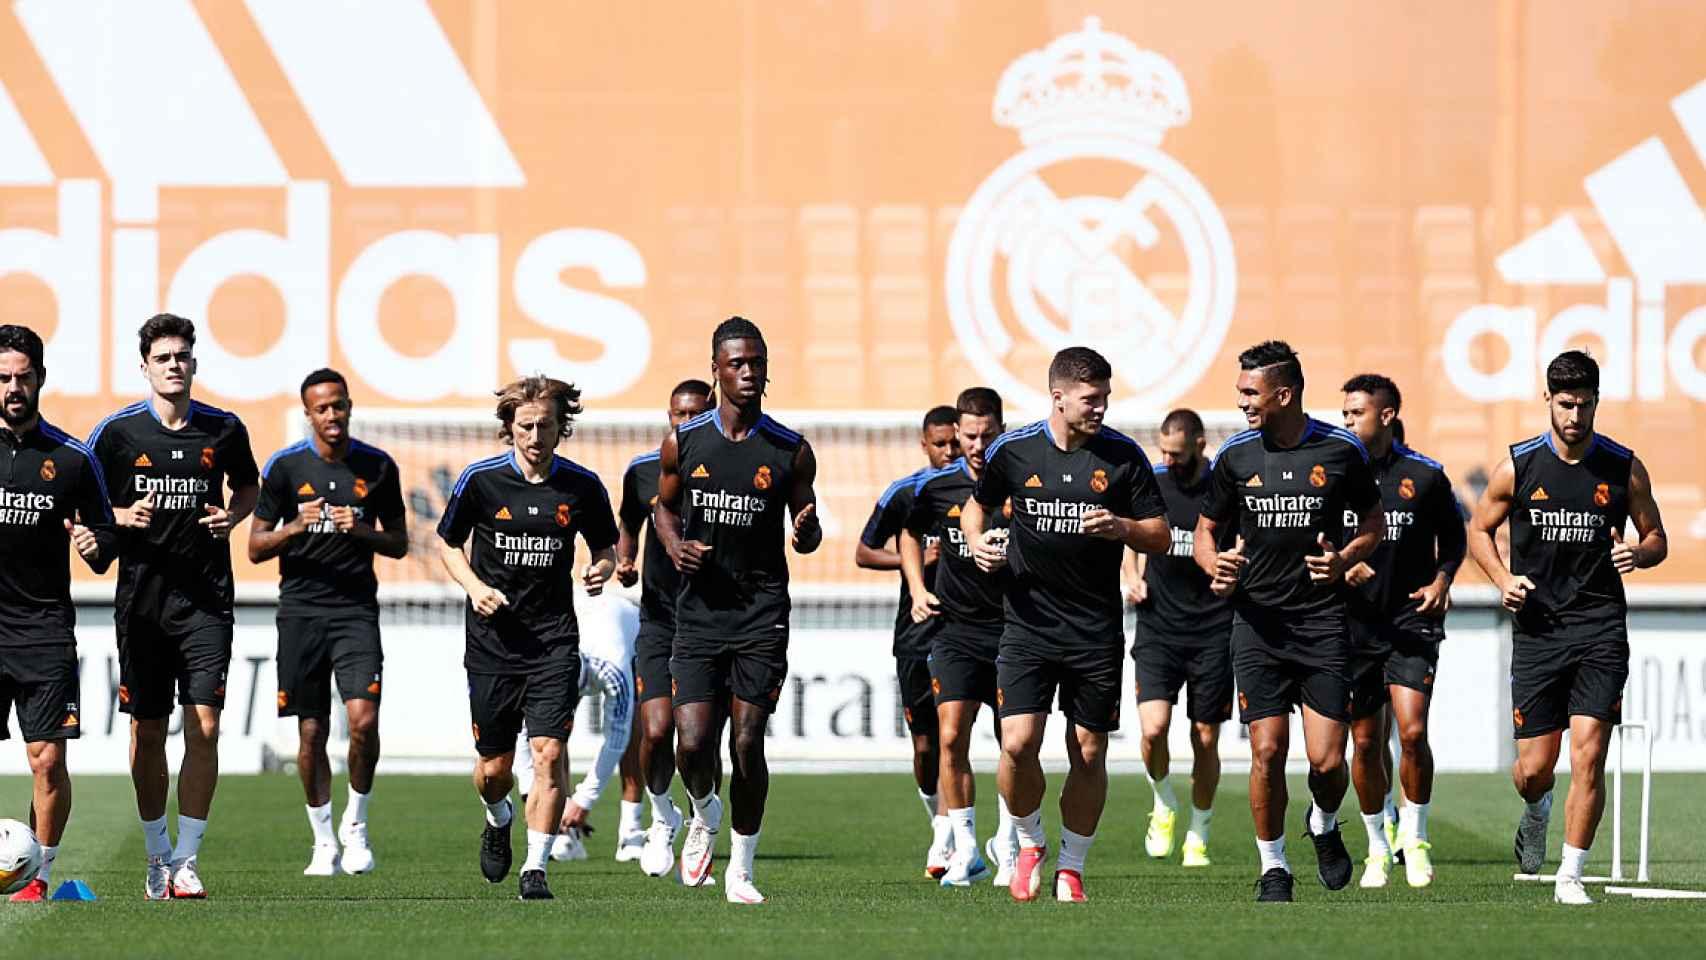 La plantilla al completo durante un entrenamiento del Real Madrid